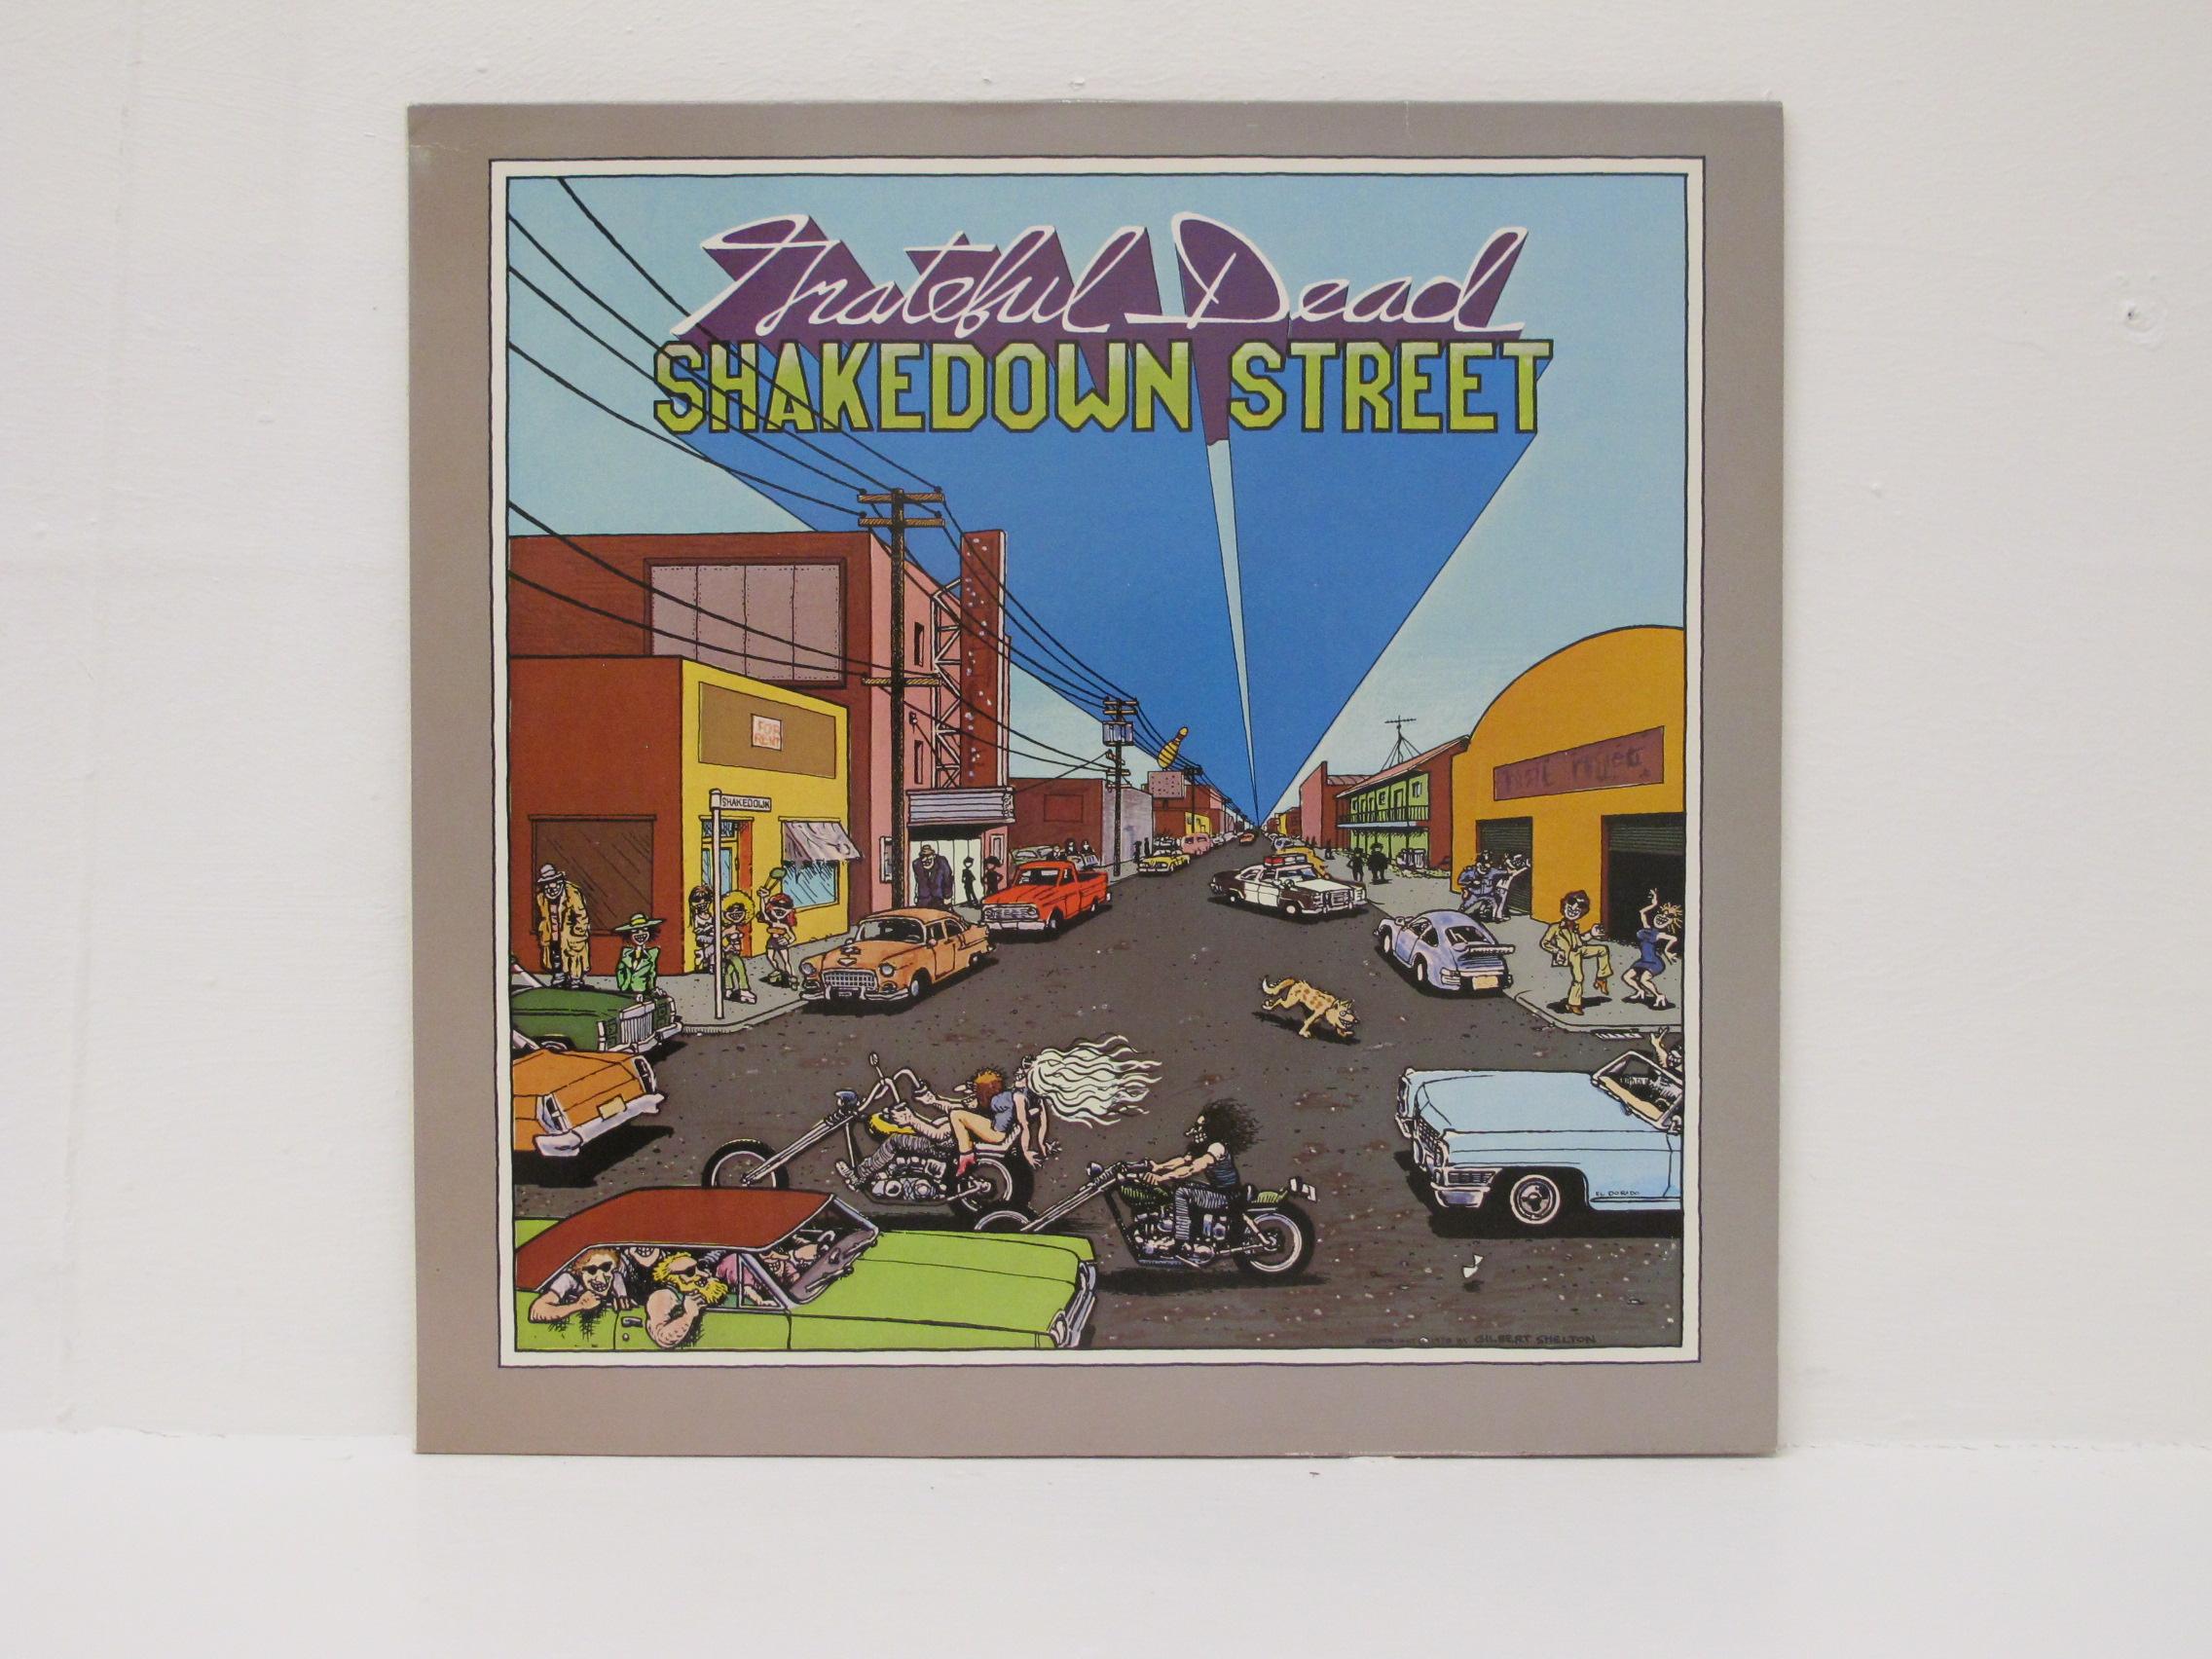 The Gratefull Dead - Shakedown Street